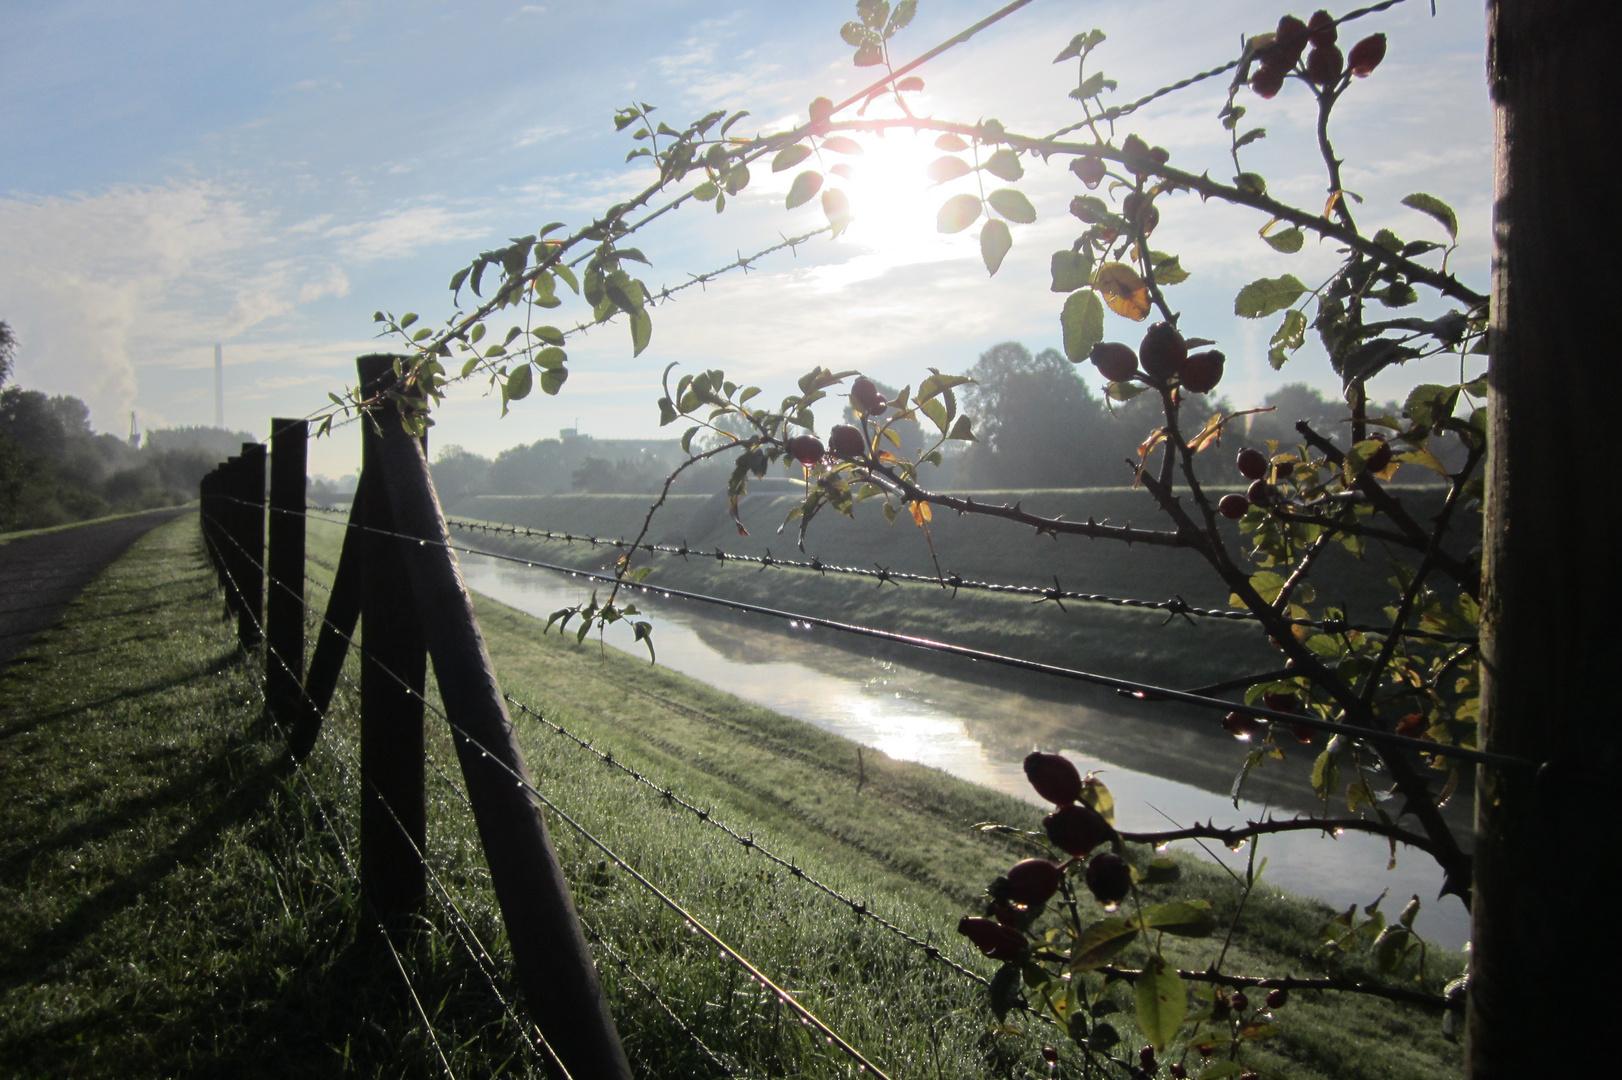 Herbststimmung an der Emscher in Wanne-Eickel